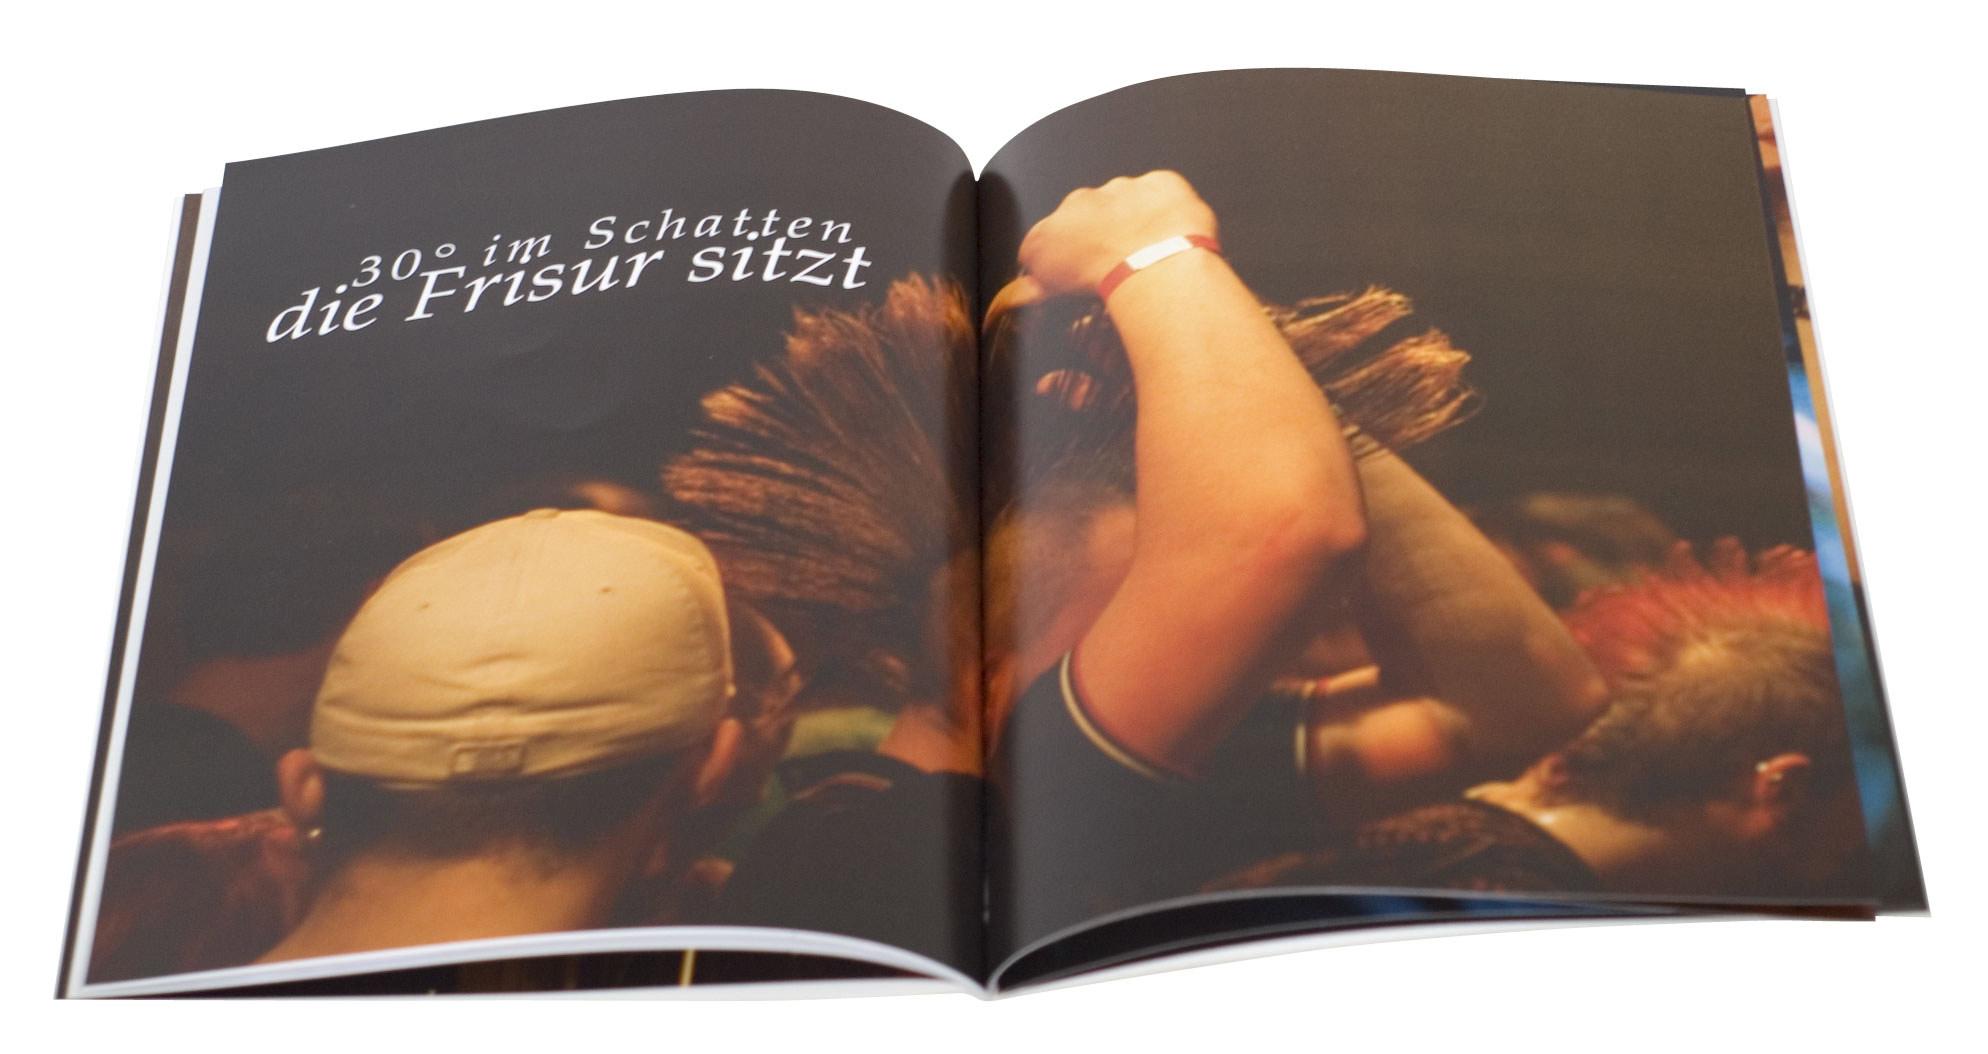 Softcover beim Bücher-Druck im Trend